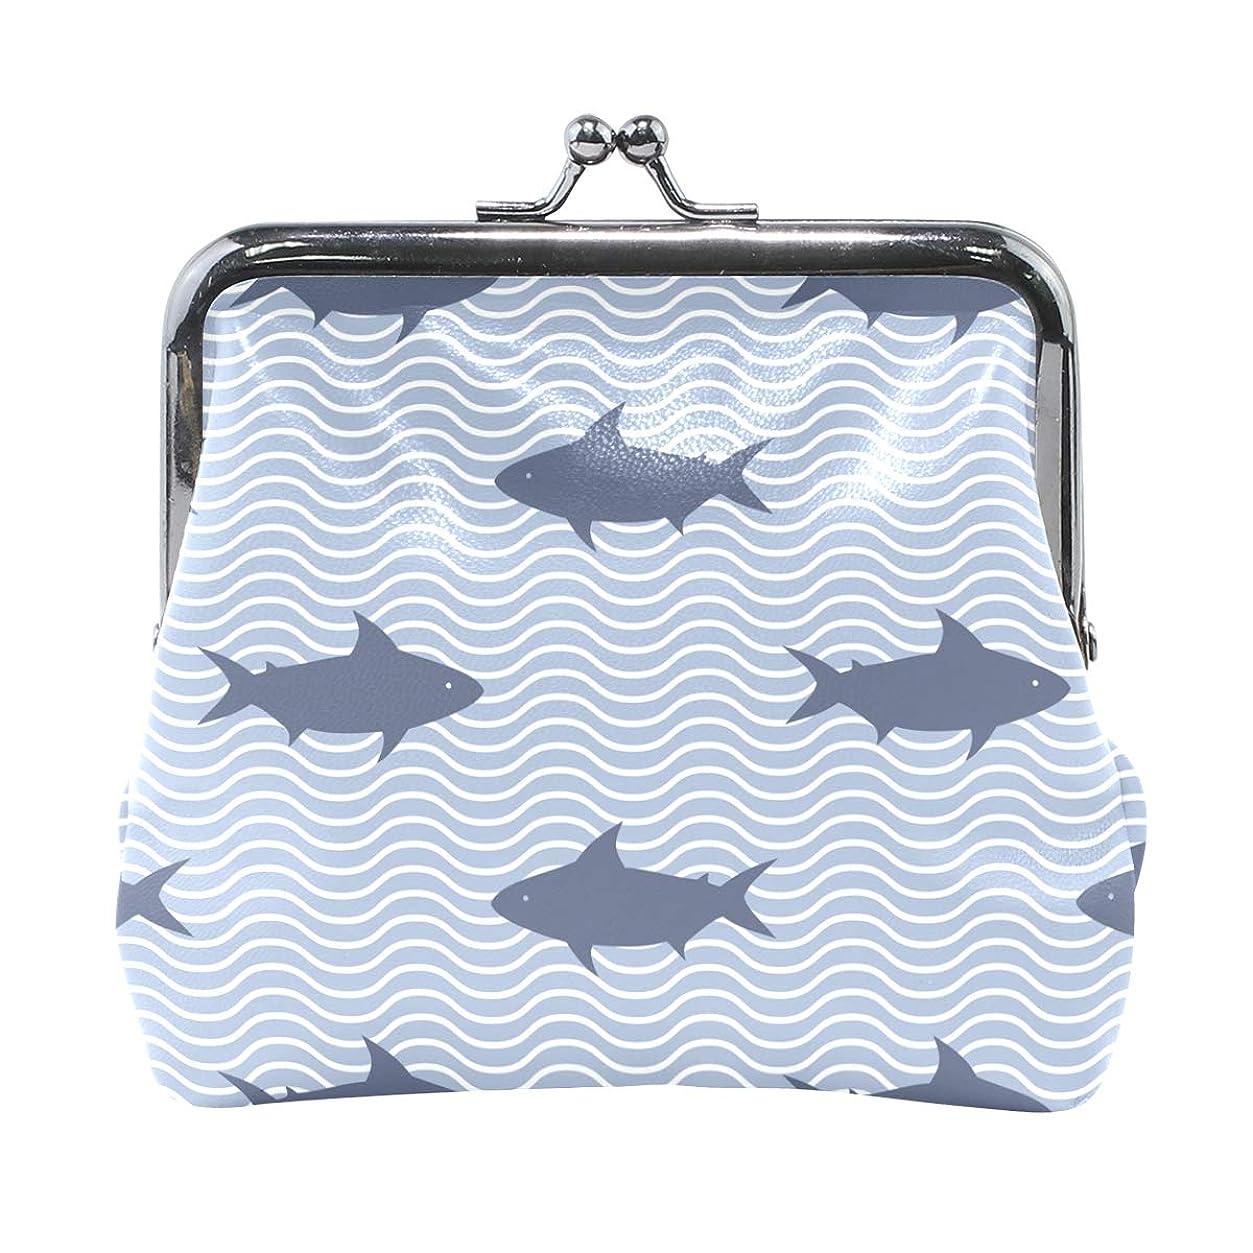 申請中アレキサンダーグラハムベル採用するがま口 財布 口金 小銭入れ ポーチ サメ 海 波紋 ANNSIN バッグ かわいい 高級レザー レディース プレゼント ほど良いサイズ